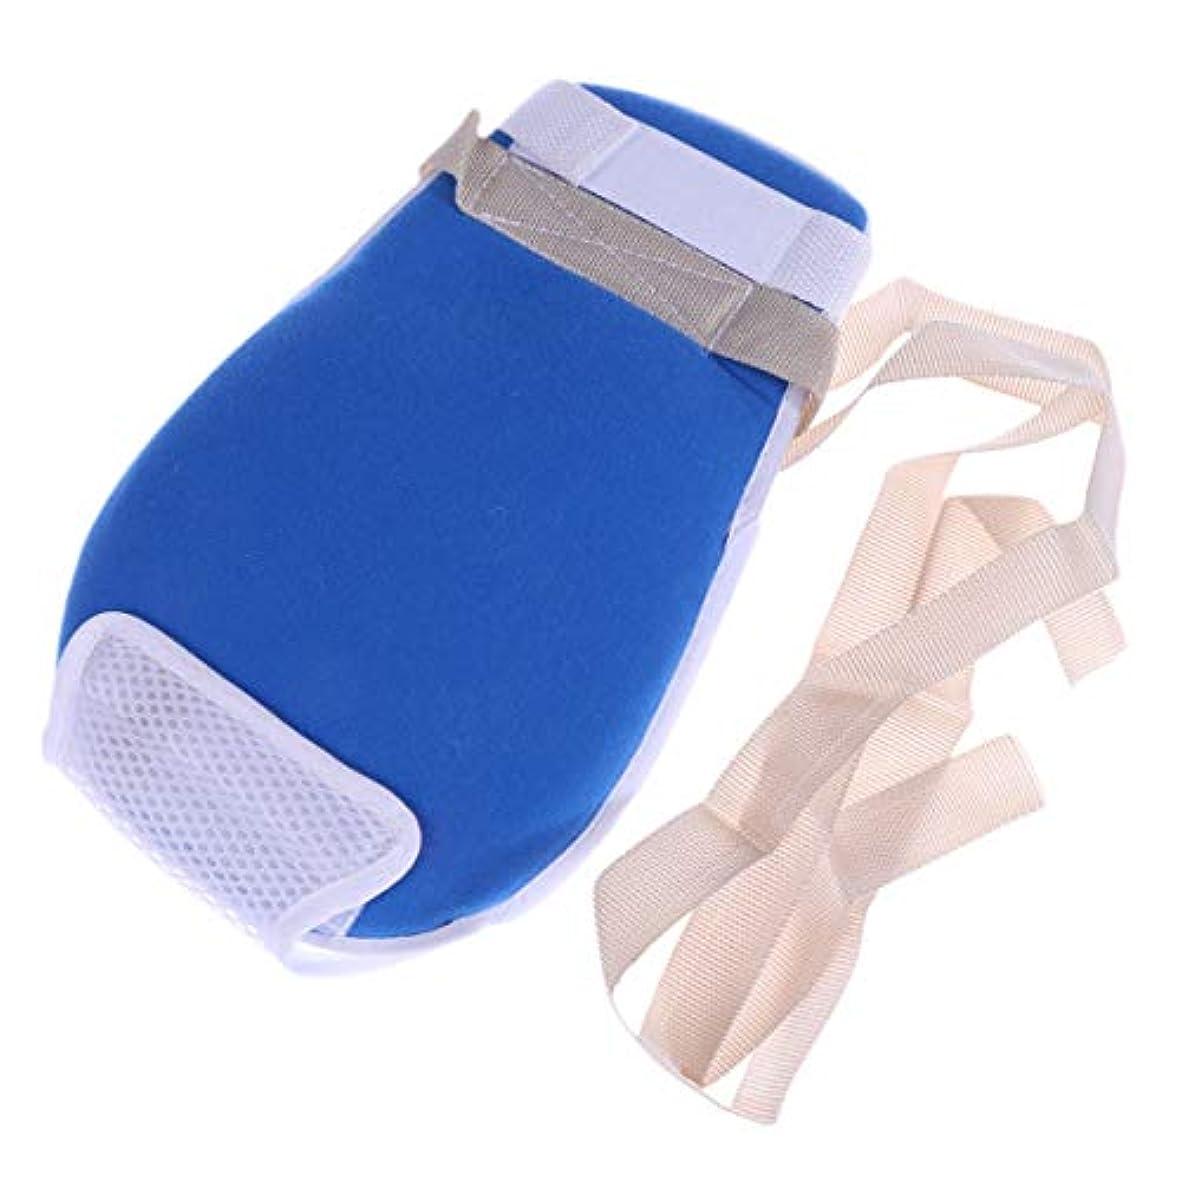 暴露検索乱すHealifty 制御手袋耐スクラッチ保護手袋(青)